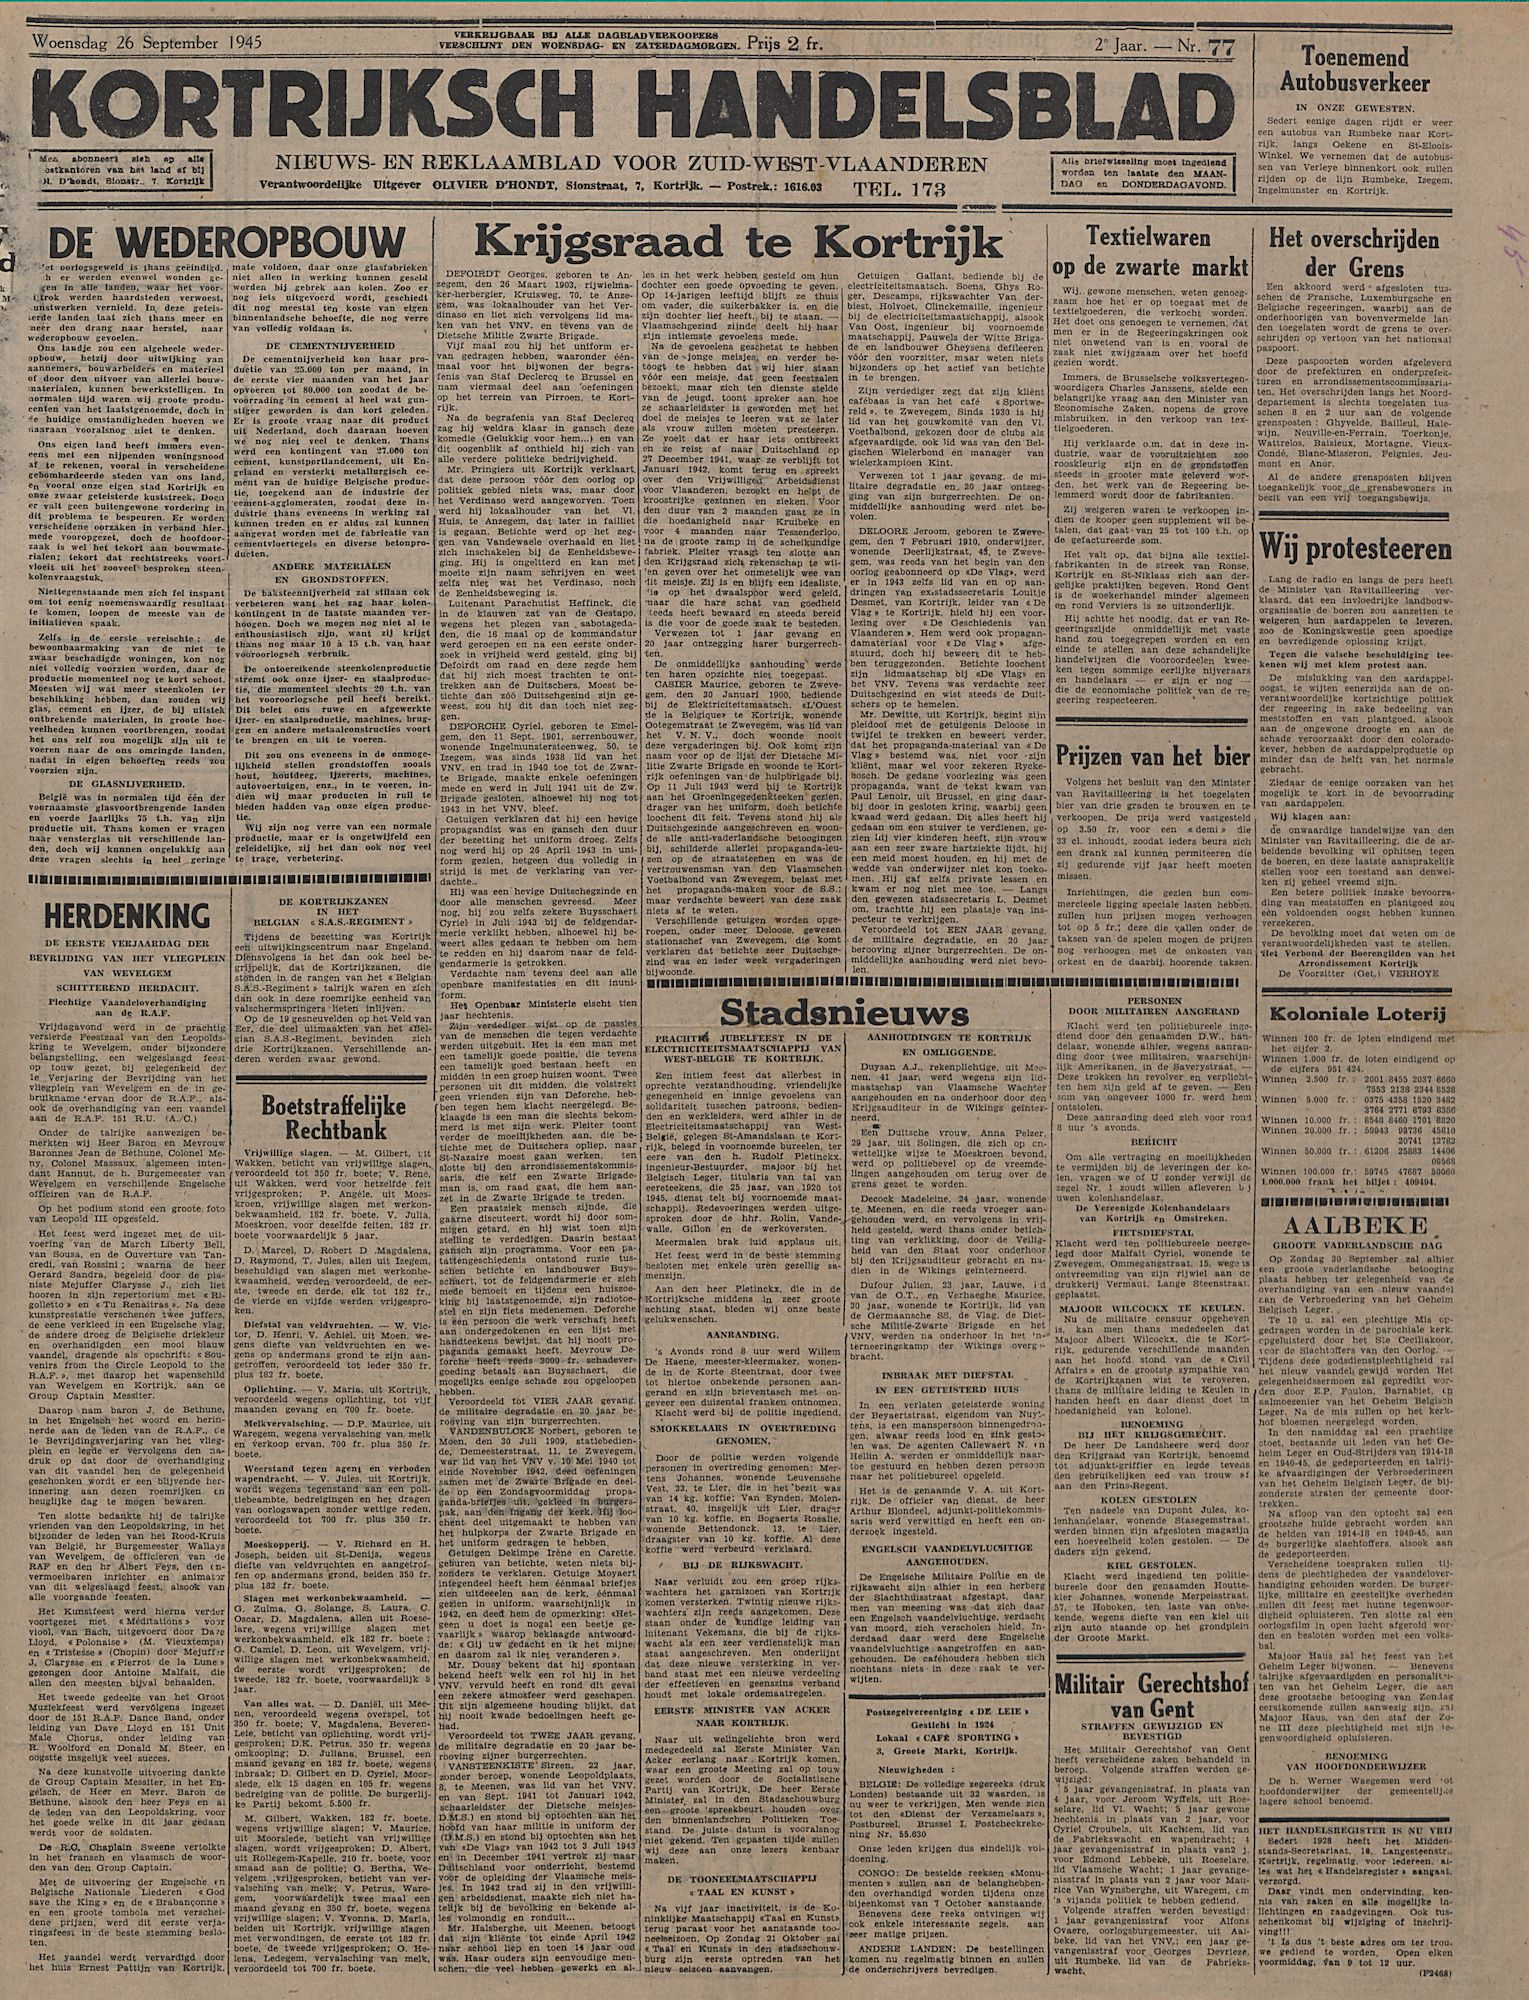 Kortrijksch Handelsblad 26 september 1945 Nr77 p1